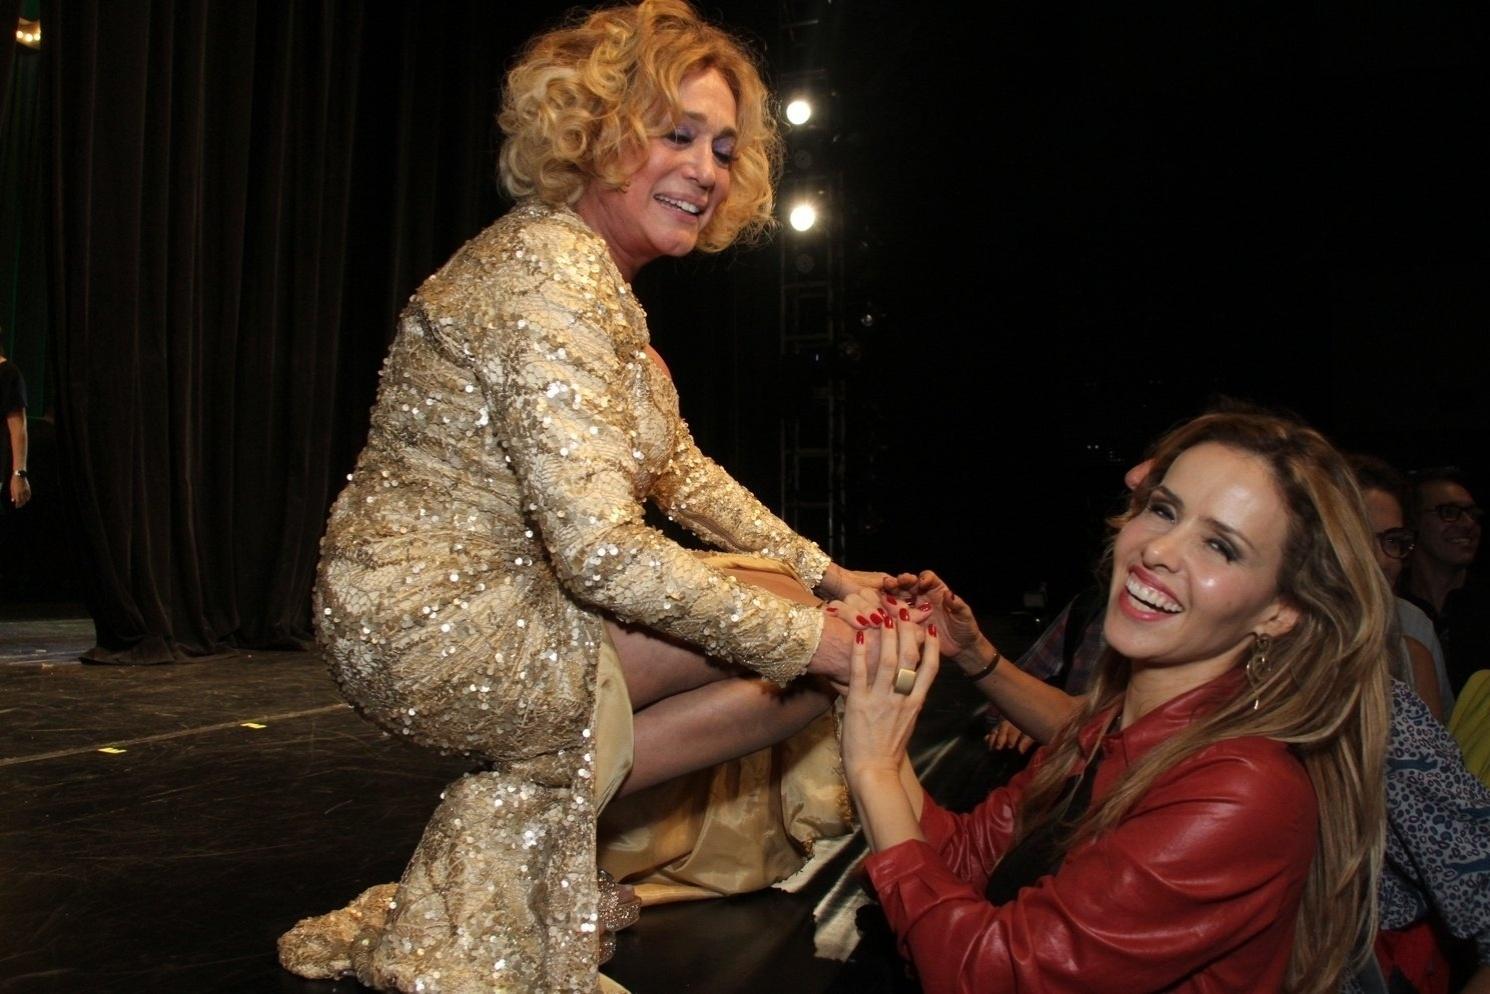 31.mar.2015 - Susana Vieira recebe carinho de Leona Cavalli após a estreia da peça